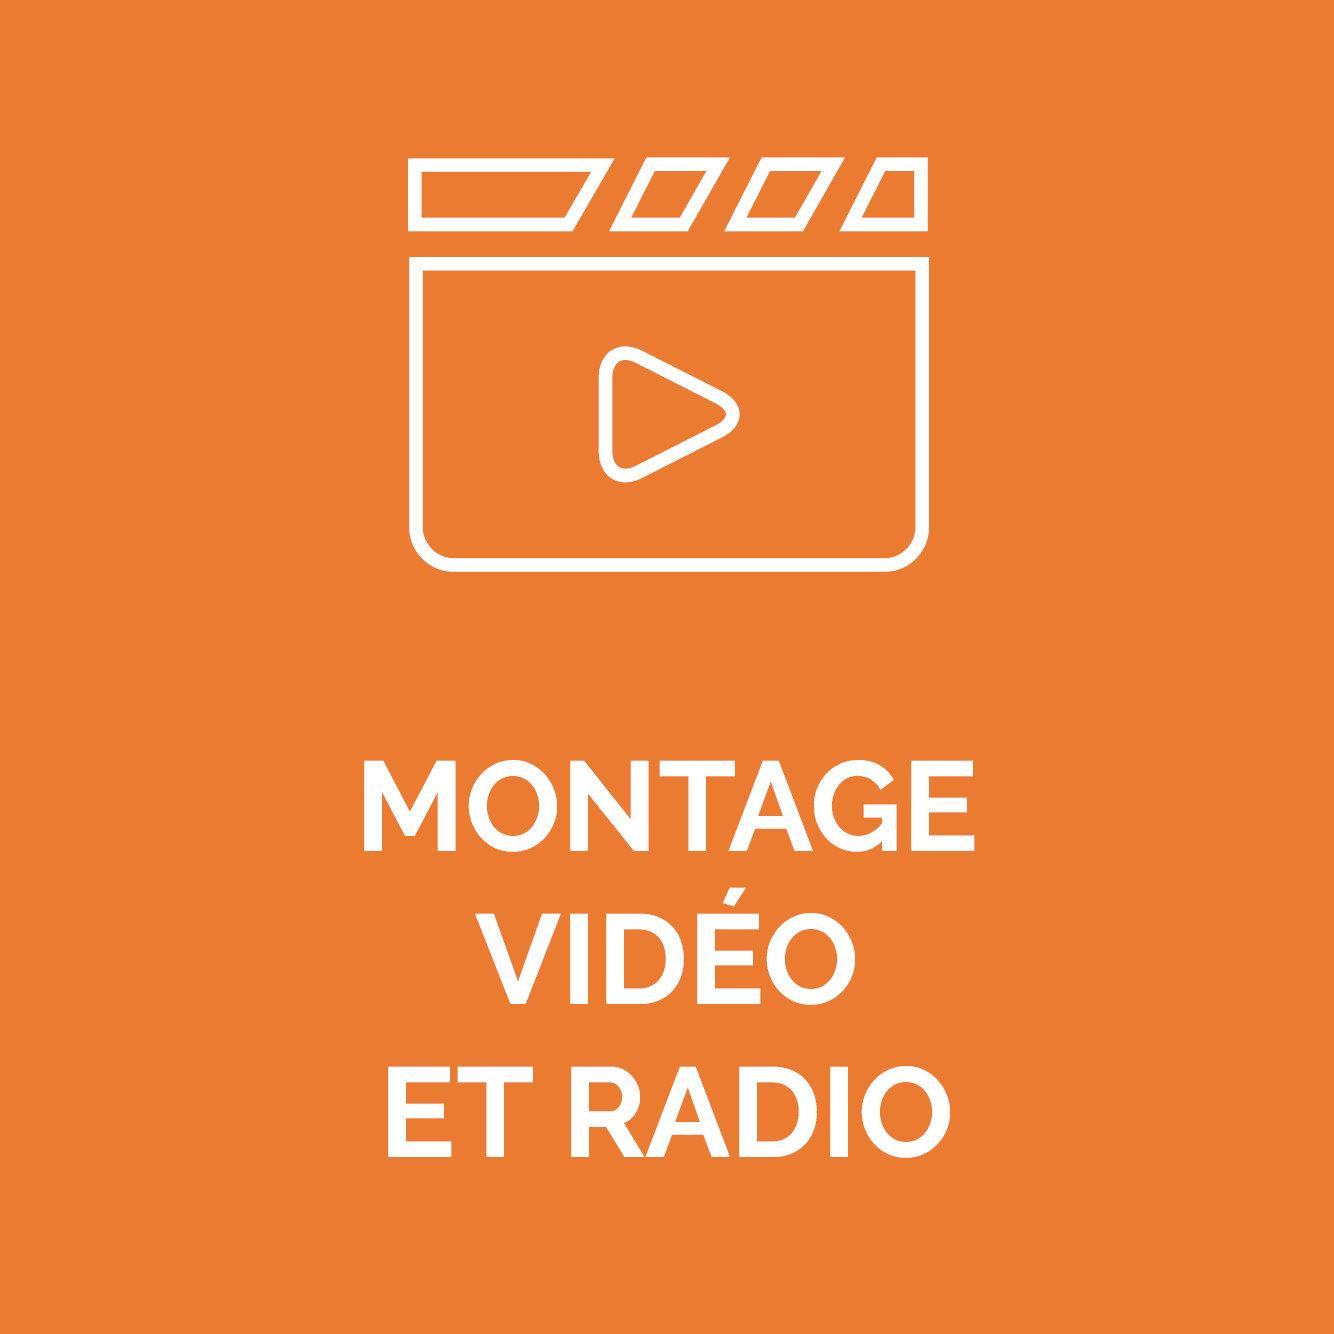 MONTAGE VIDEO ET RADIO